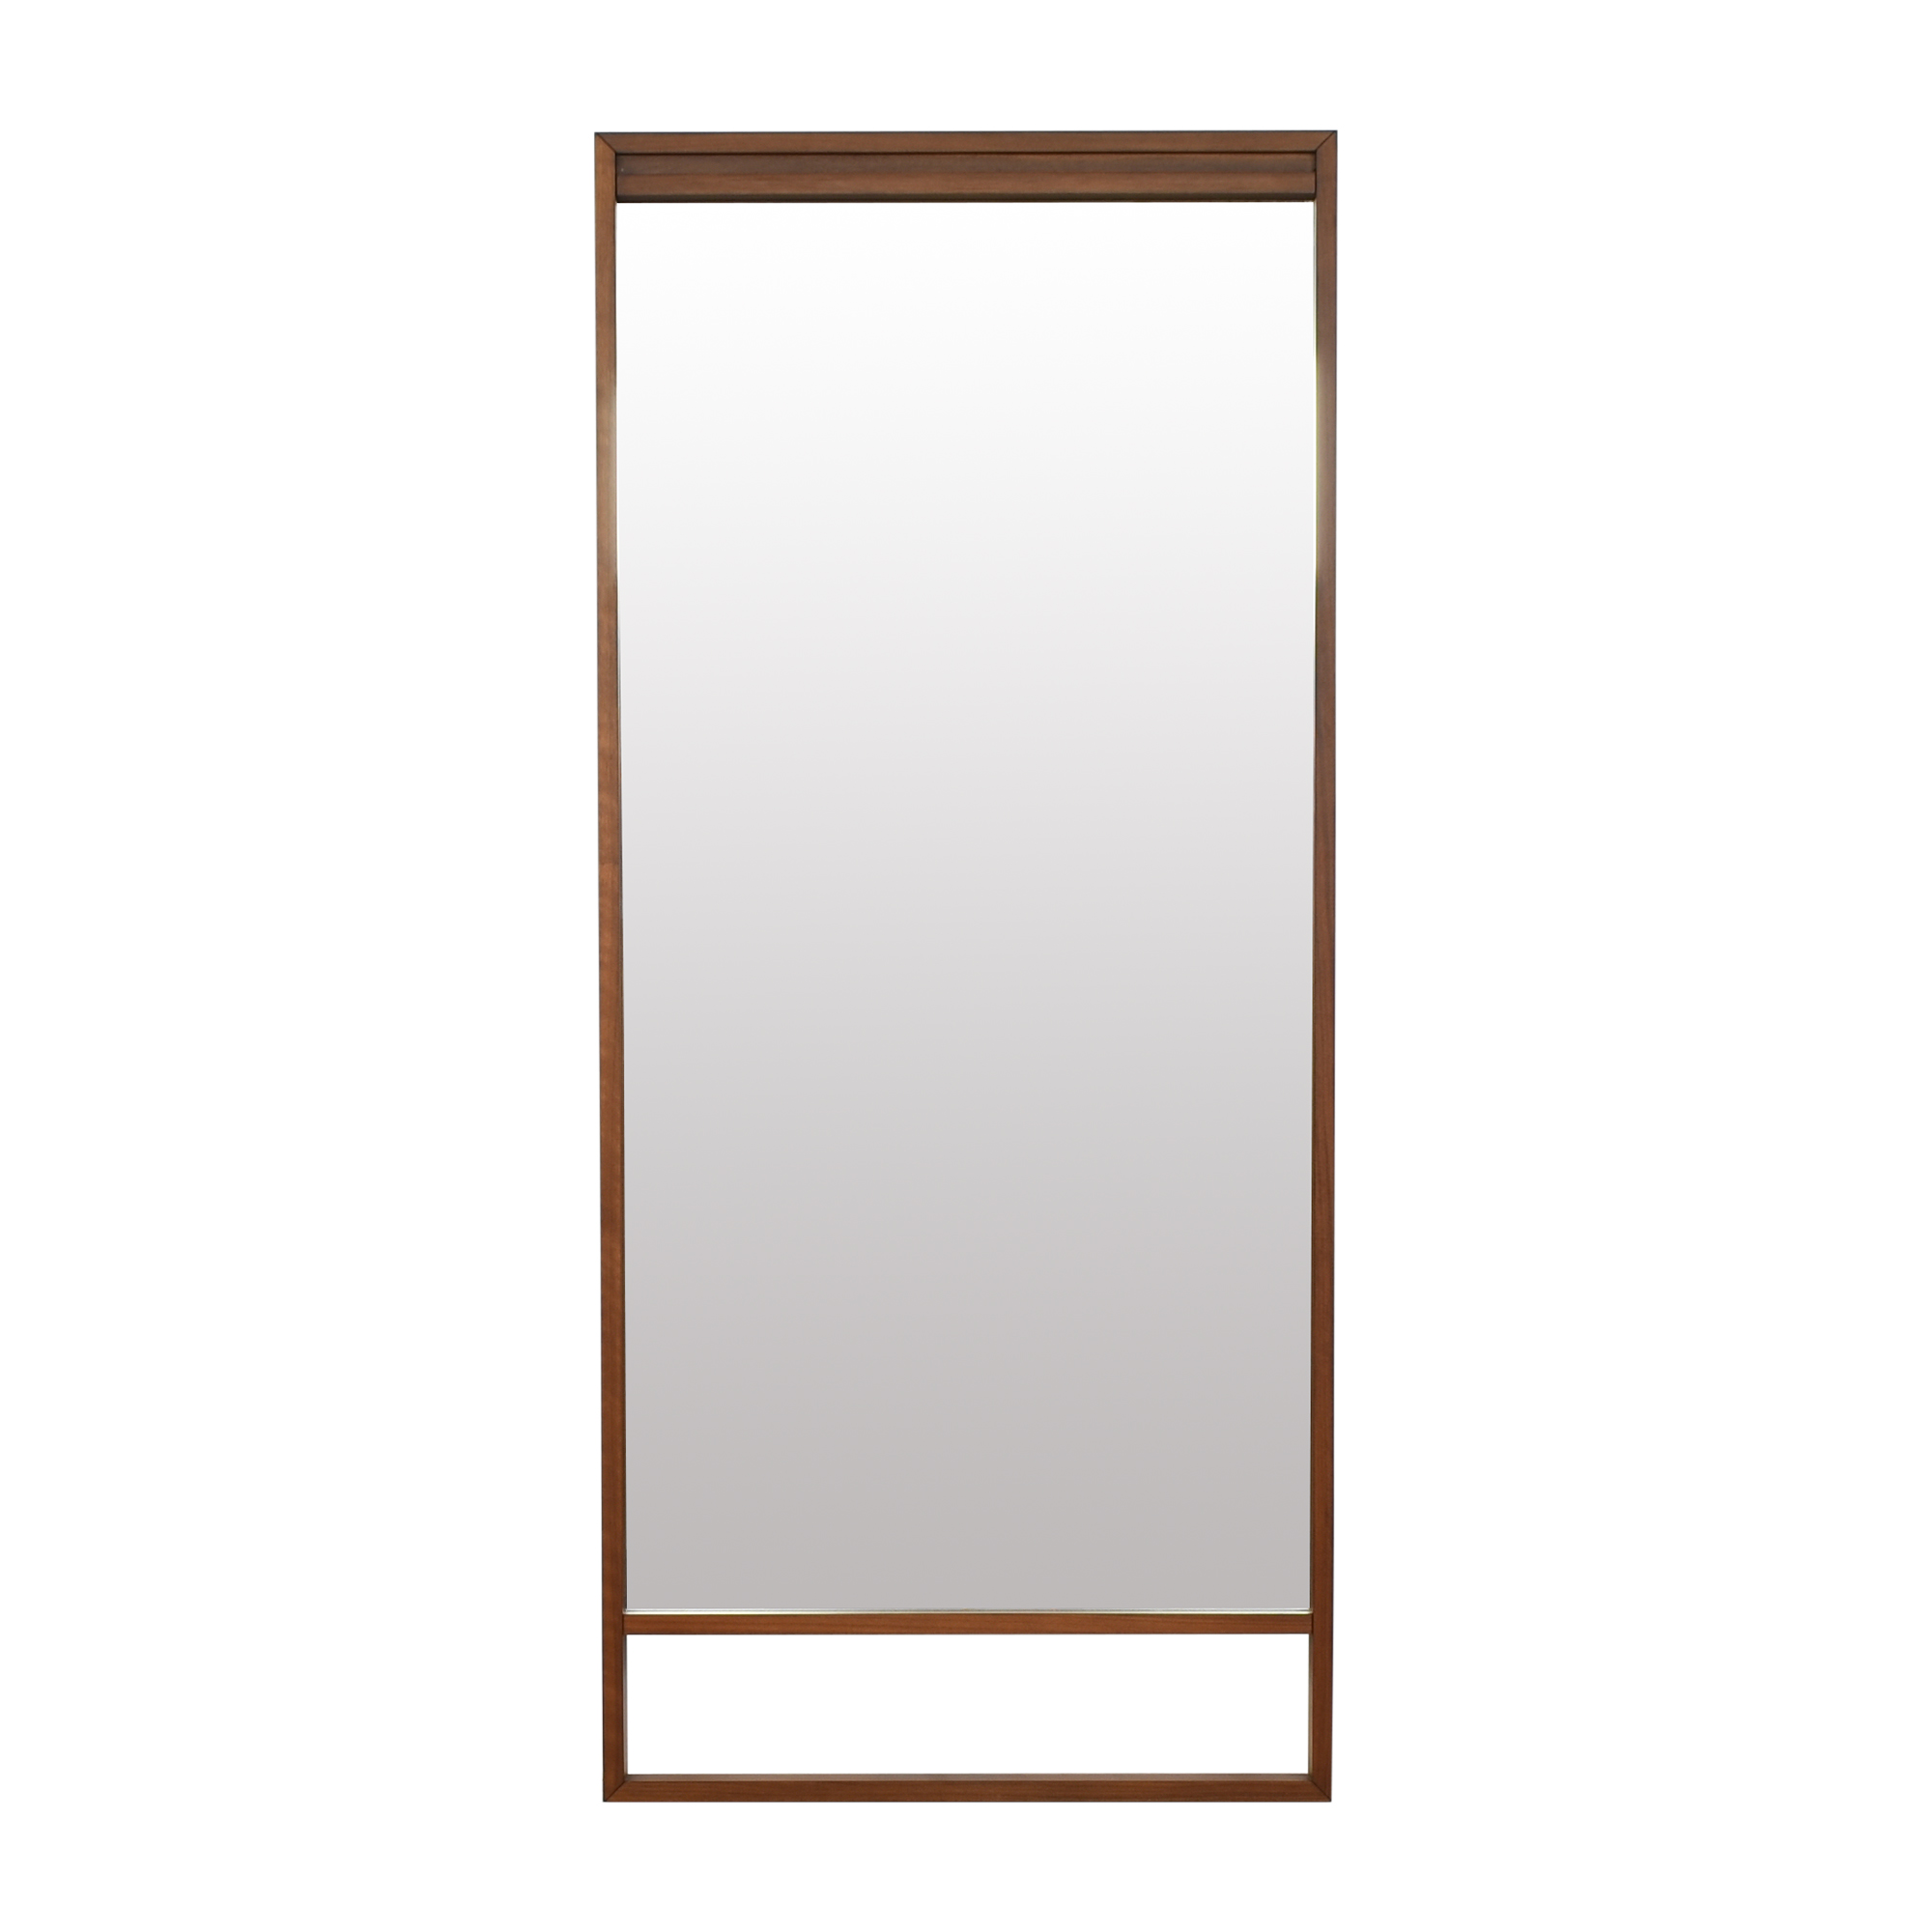 Crate & Barrel Crate & Barrel Blair Floor Mirror Decor